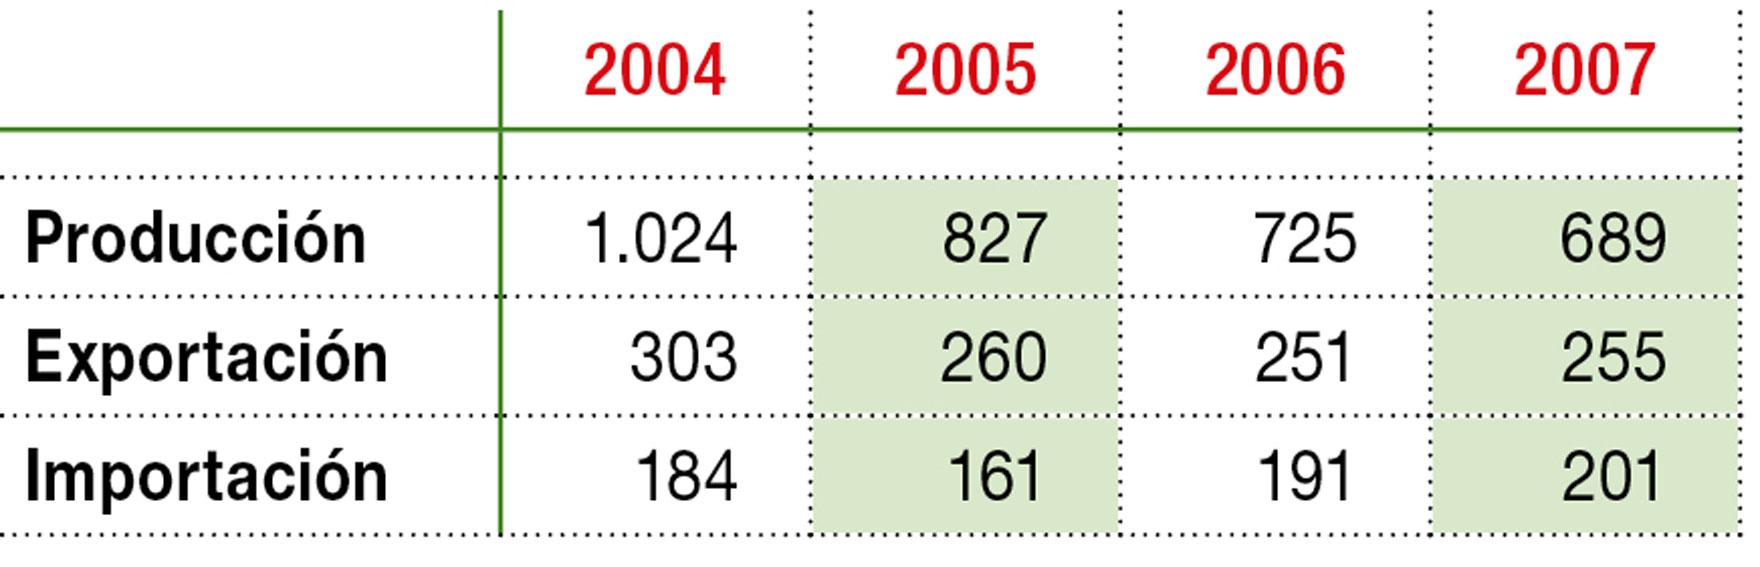 Evolución del mercado de moldes y matrices (en M€)